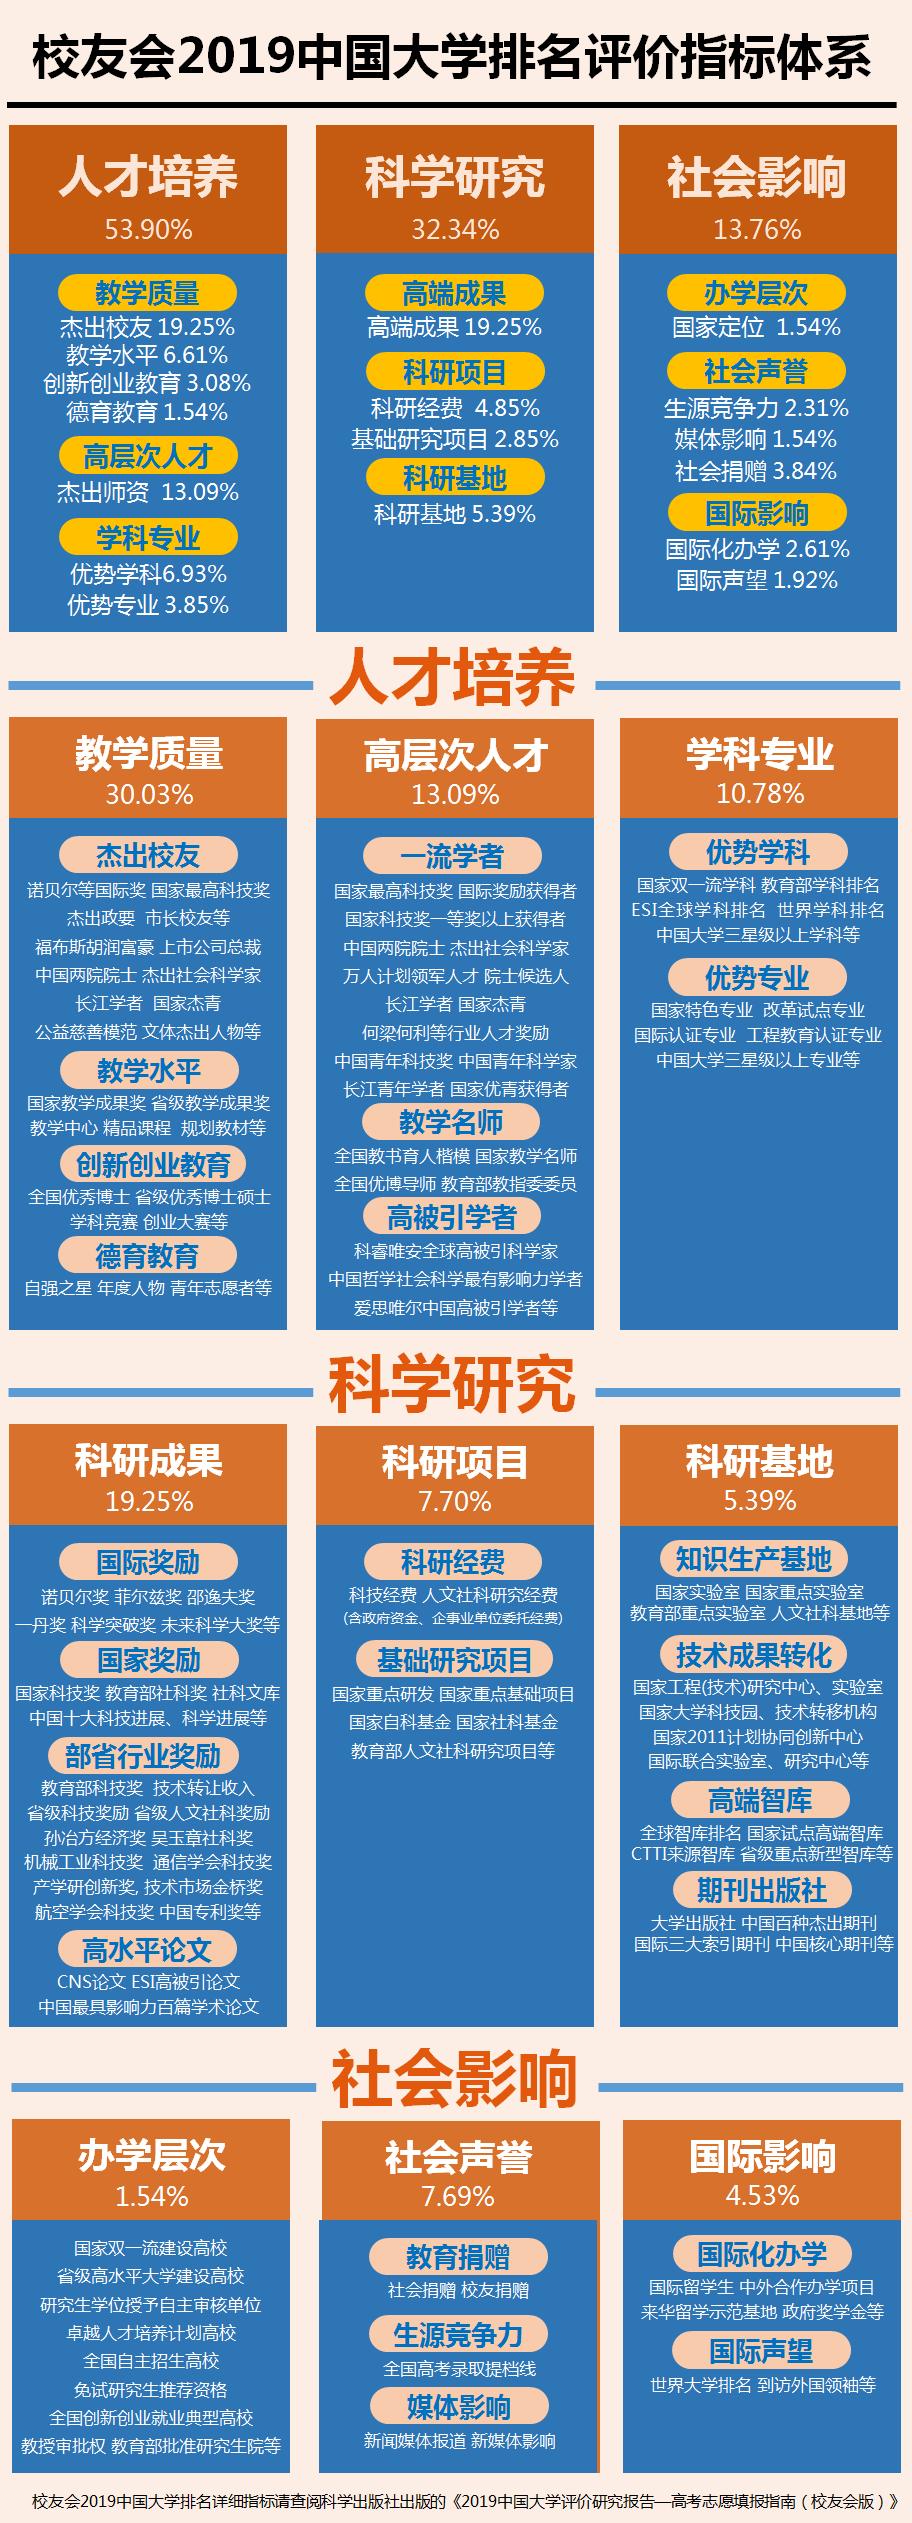 2019中国大学排行榜单最新发布,转给高考生!插图5